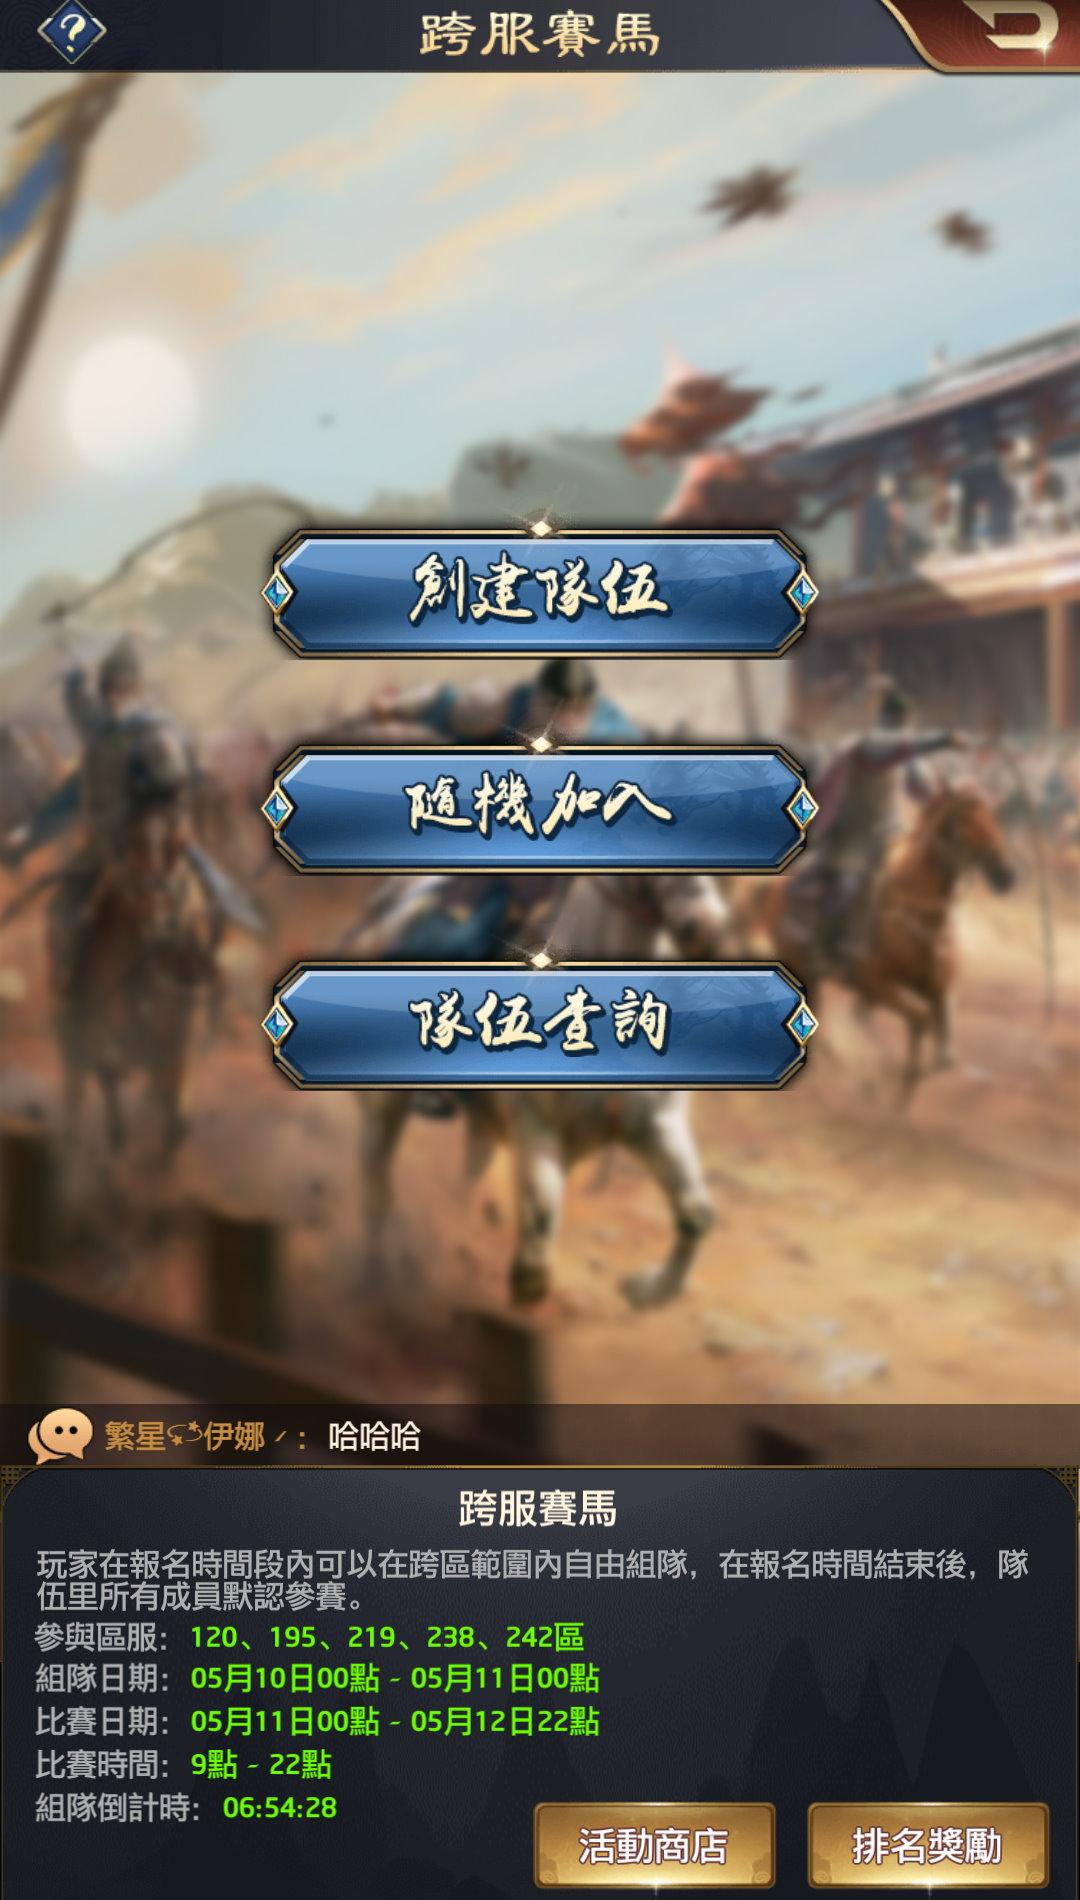 手機遊戲, 叫我官老爺, 賽馬, 跨服賽馬, 界面